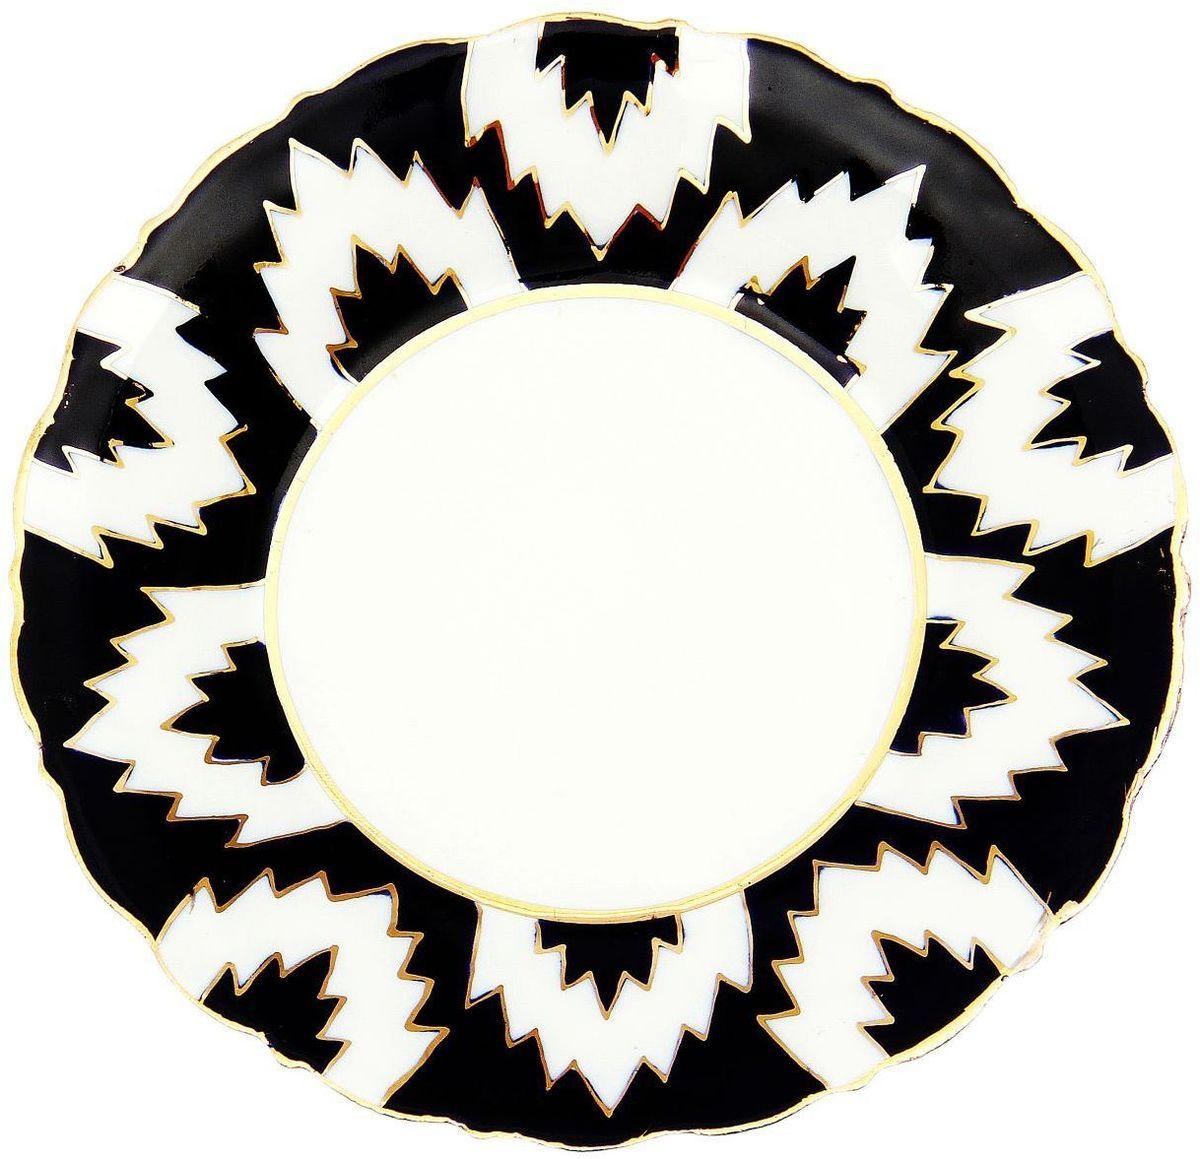 Тарелка Turon Porcelain Атлас, цвет: белый, синий, золотистый, диаметр 16 см1625403Тарелка Turon Porcelain Атлас, выполненная из качественного фарфора, подойдет для повседневной и праздничной сервировки. Дополните стол текстилем и салфетками в тон, чтобы получить элегантное убранство с яркими акцентами.Национальная узбекская роспись Атлас имеет симметричный геометрический рисунок. Узоры, похожие на листья, выводятся тонкой кистью, фон заливается темно-синим кобальтом. Синий краситель при обжиге слегка растекается и придает контуру изображений голубой оттенок. Густая глазурь наносится толстым слоем, благодаря чему рисунок мерцает.Узбекская посуда известна всему миру уже более тысячи лет. Ей любовались царские особы, на ней подавали еду для шейхов и знатных персон. Формулы красок и глазури передаются из поколения в поколение. По сей день качественные расписные изделия продолжают восхищать совершенством и завораживающей красотой.